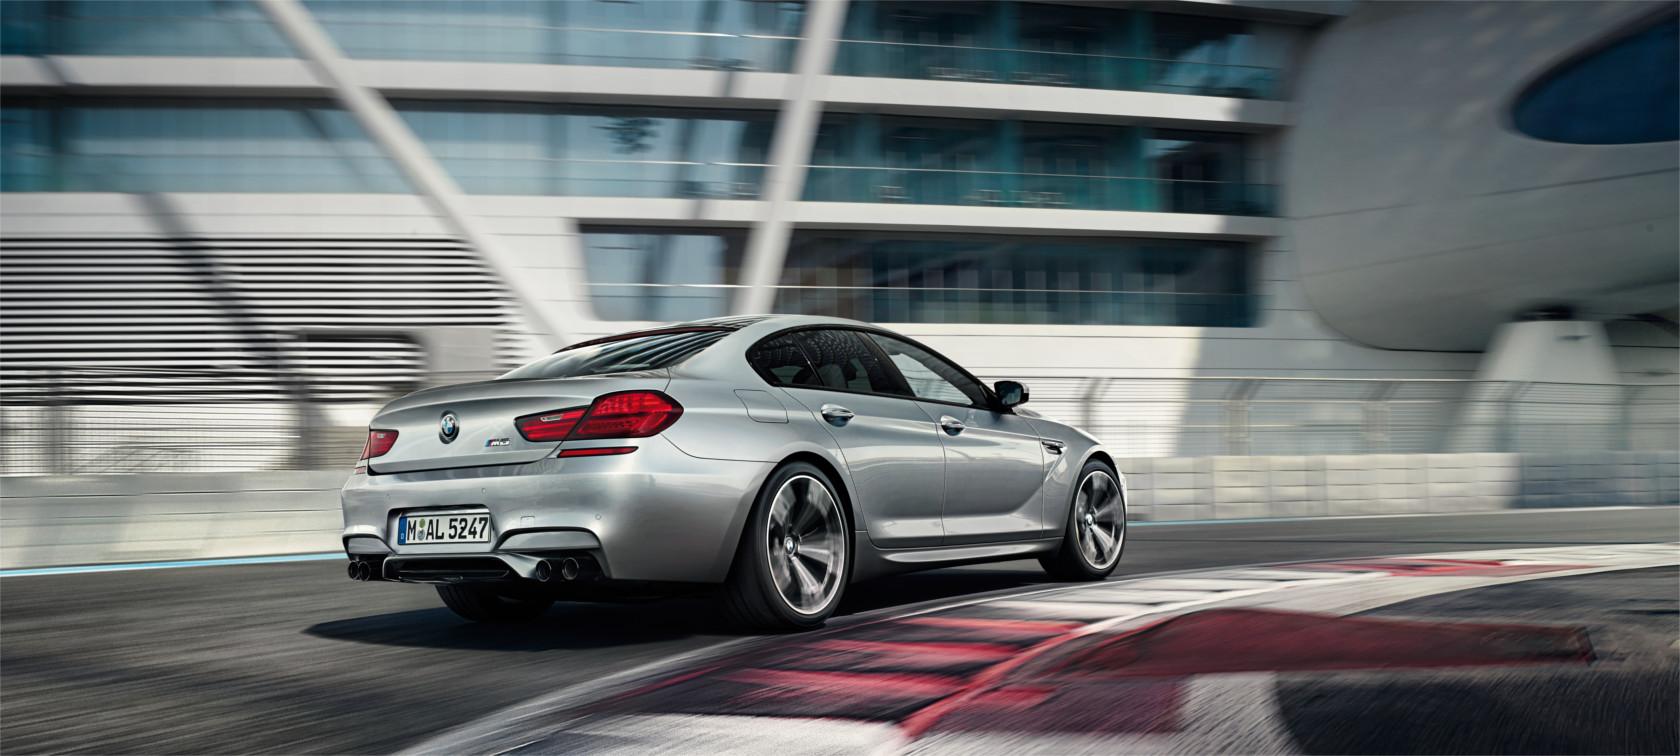 BMW M6 Gran Coupe >> Bmw M6 Gran Coupe M Power World